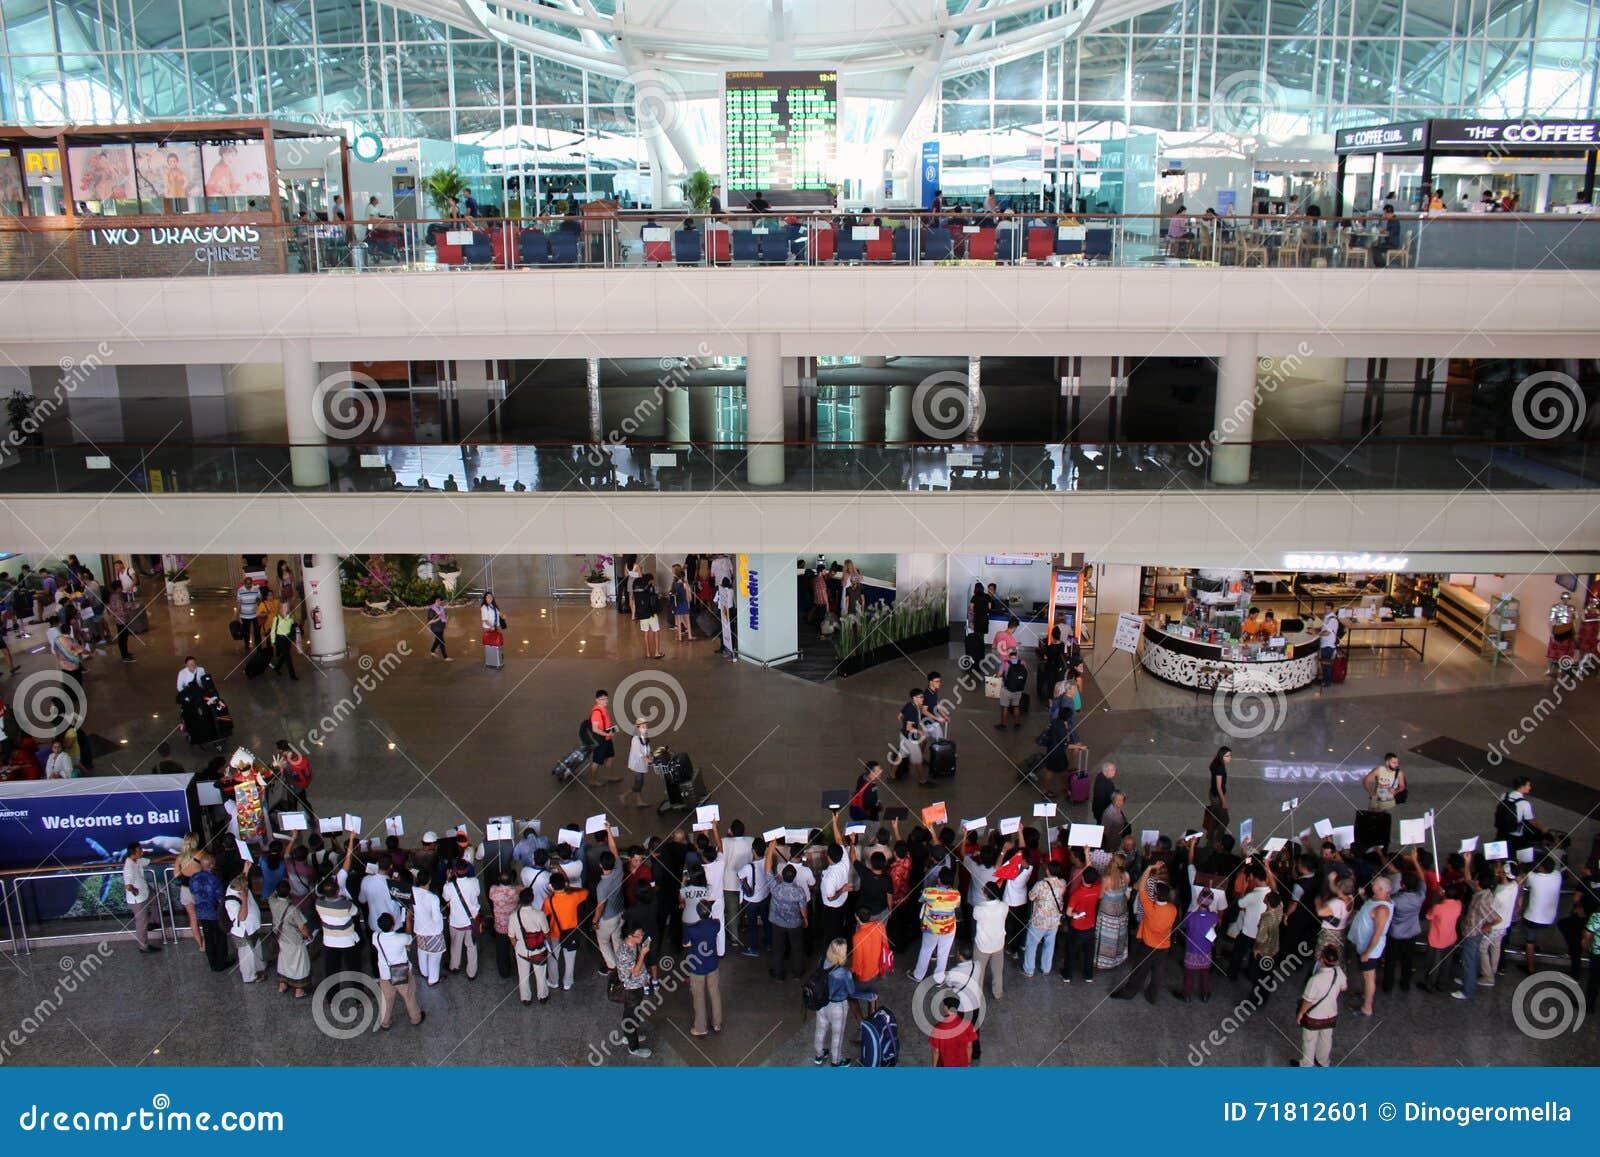 Aeroporto Denpasar : Corridoio di arrivi dell aeroporto bali fotografia